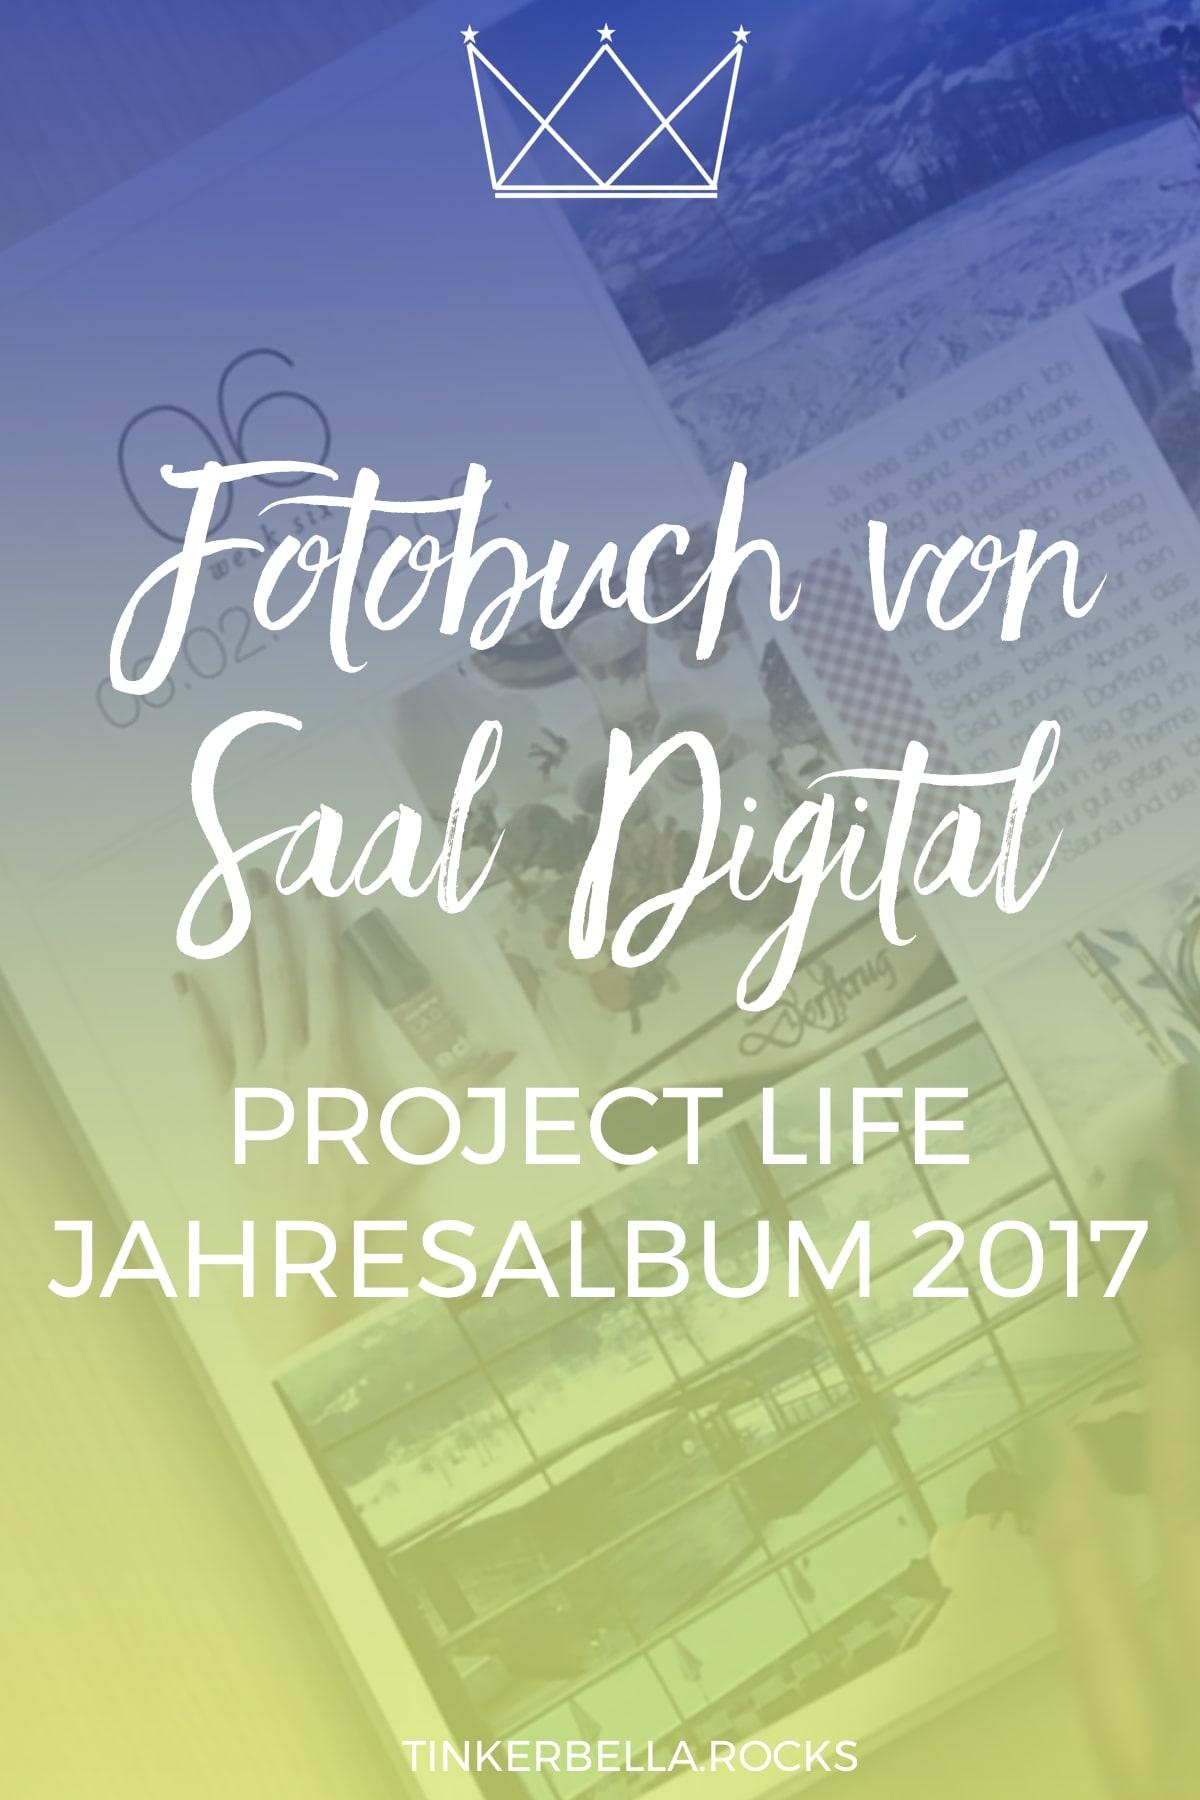 Fotobuch von Saal Digital Erfahrungsbericht - Project Life Jahresalbum 2017 Pin